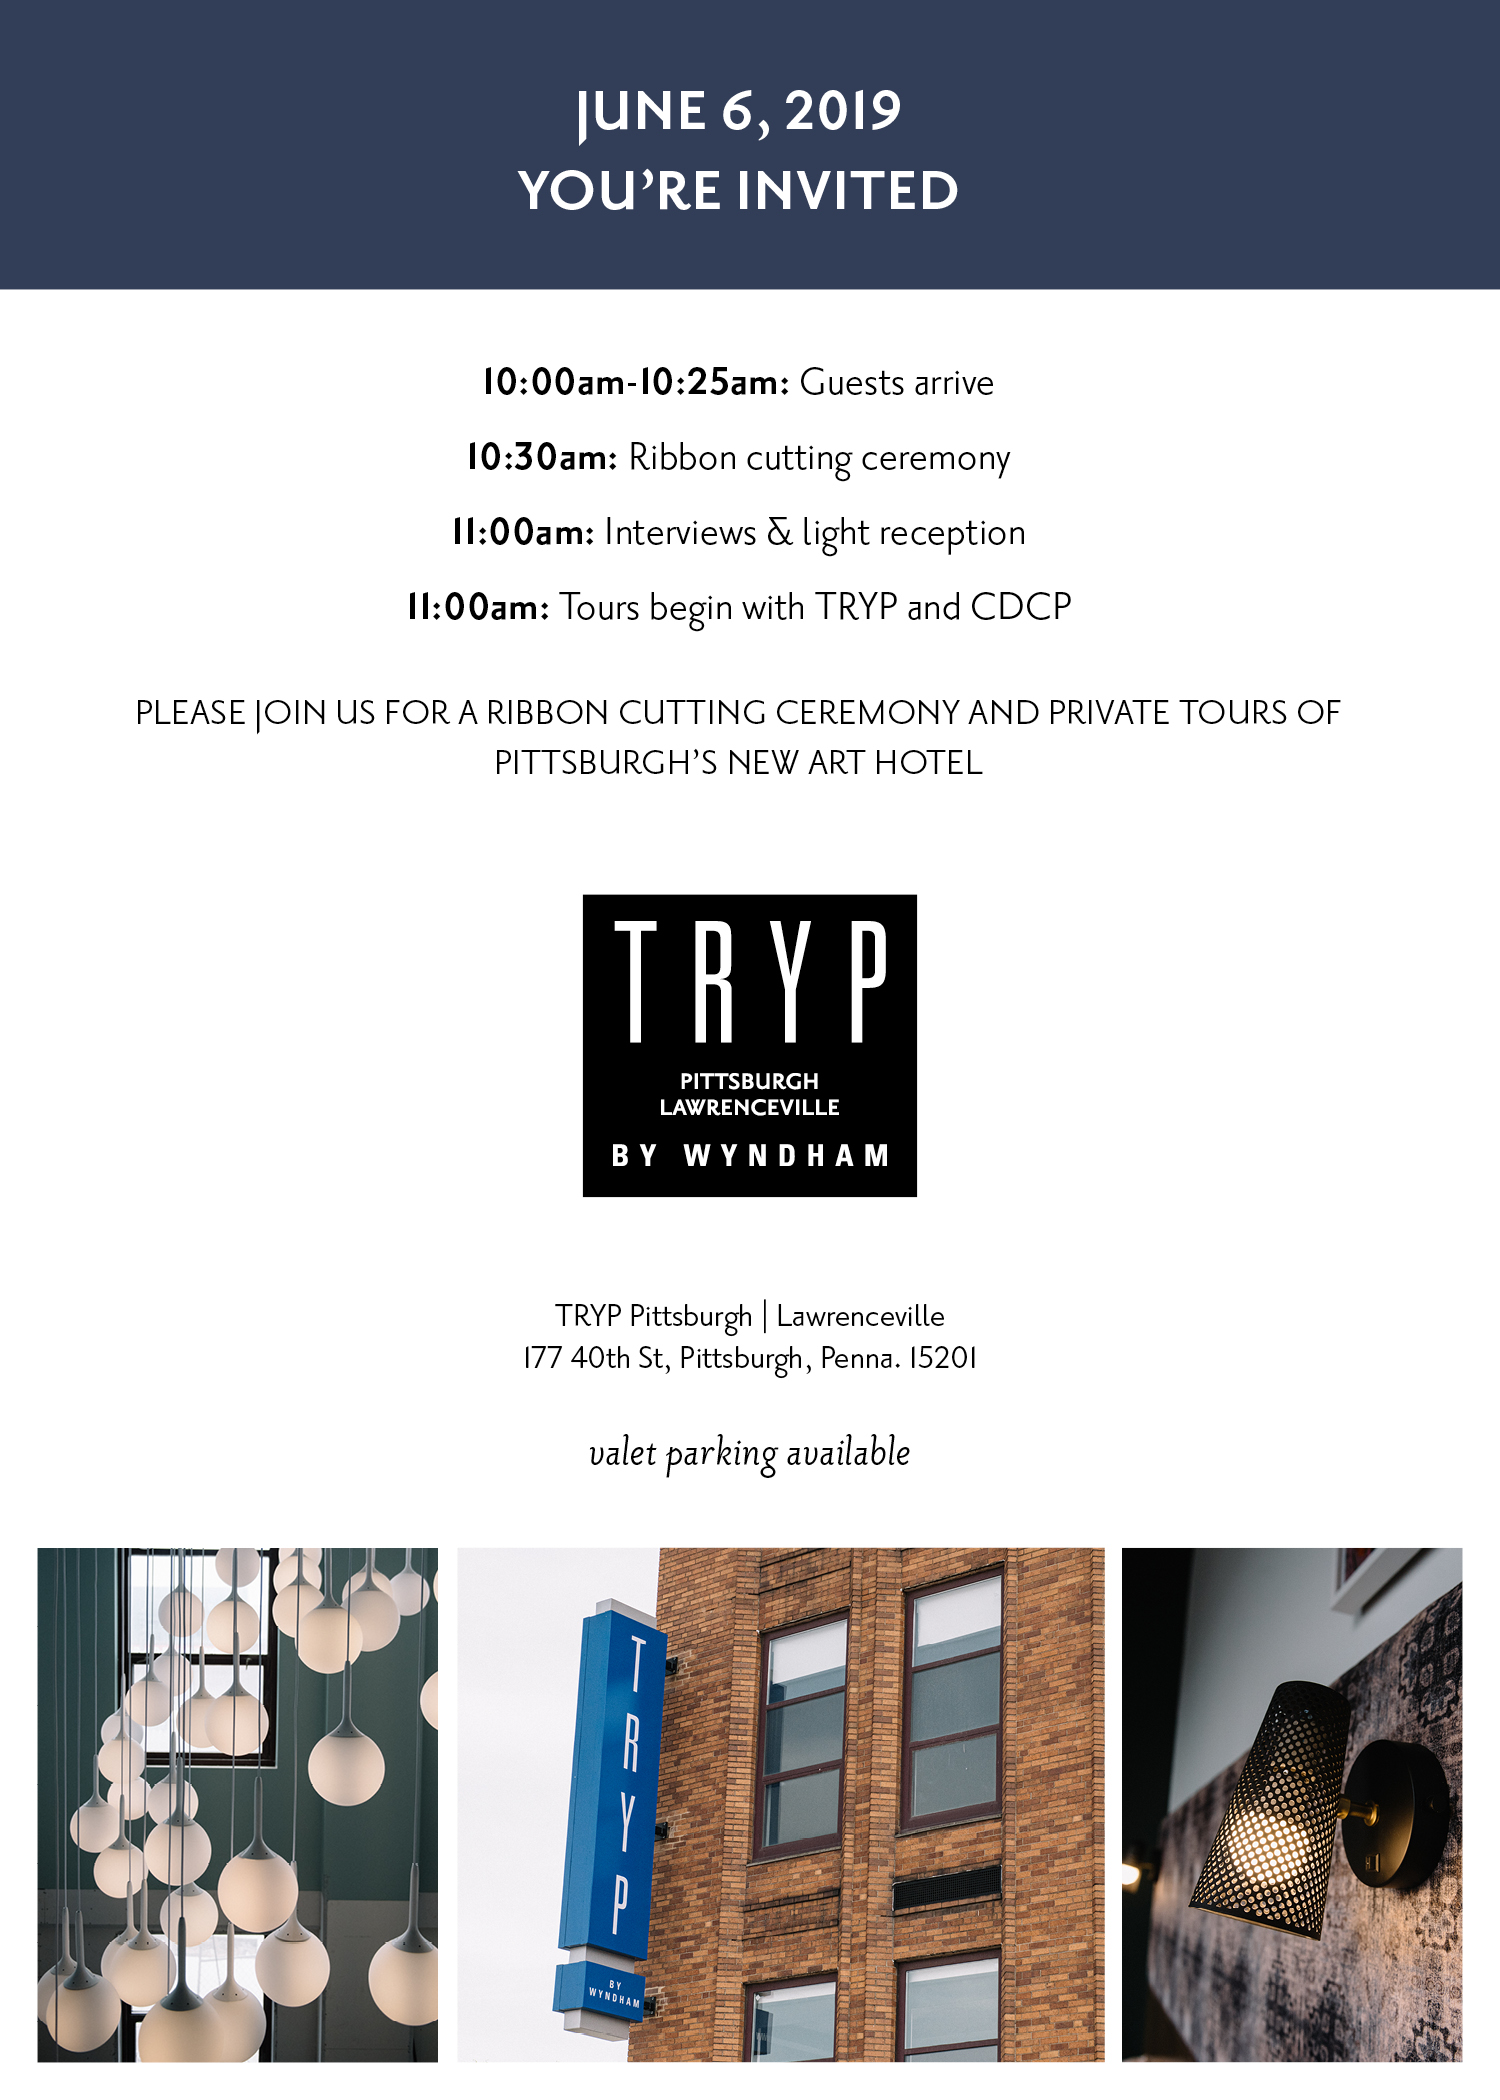 TRYP_JUNE6_Invite.jpg